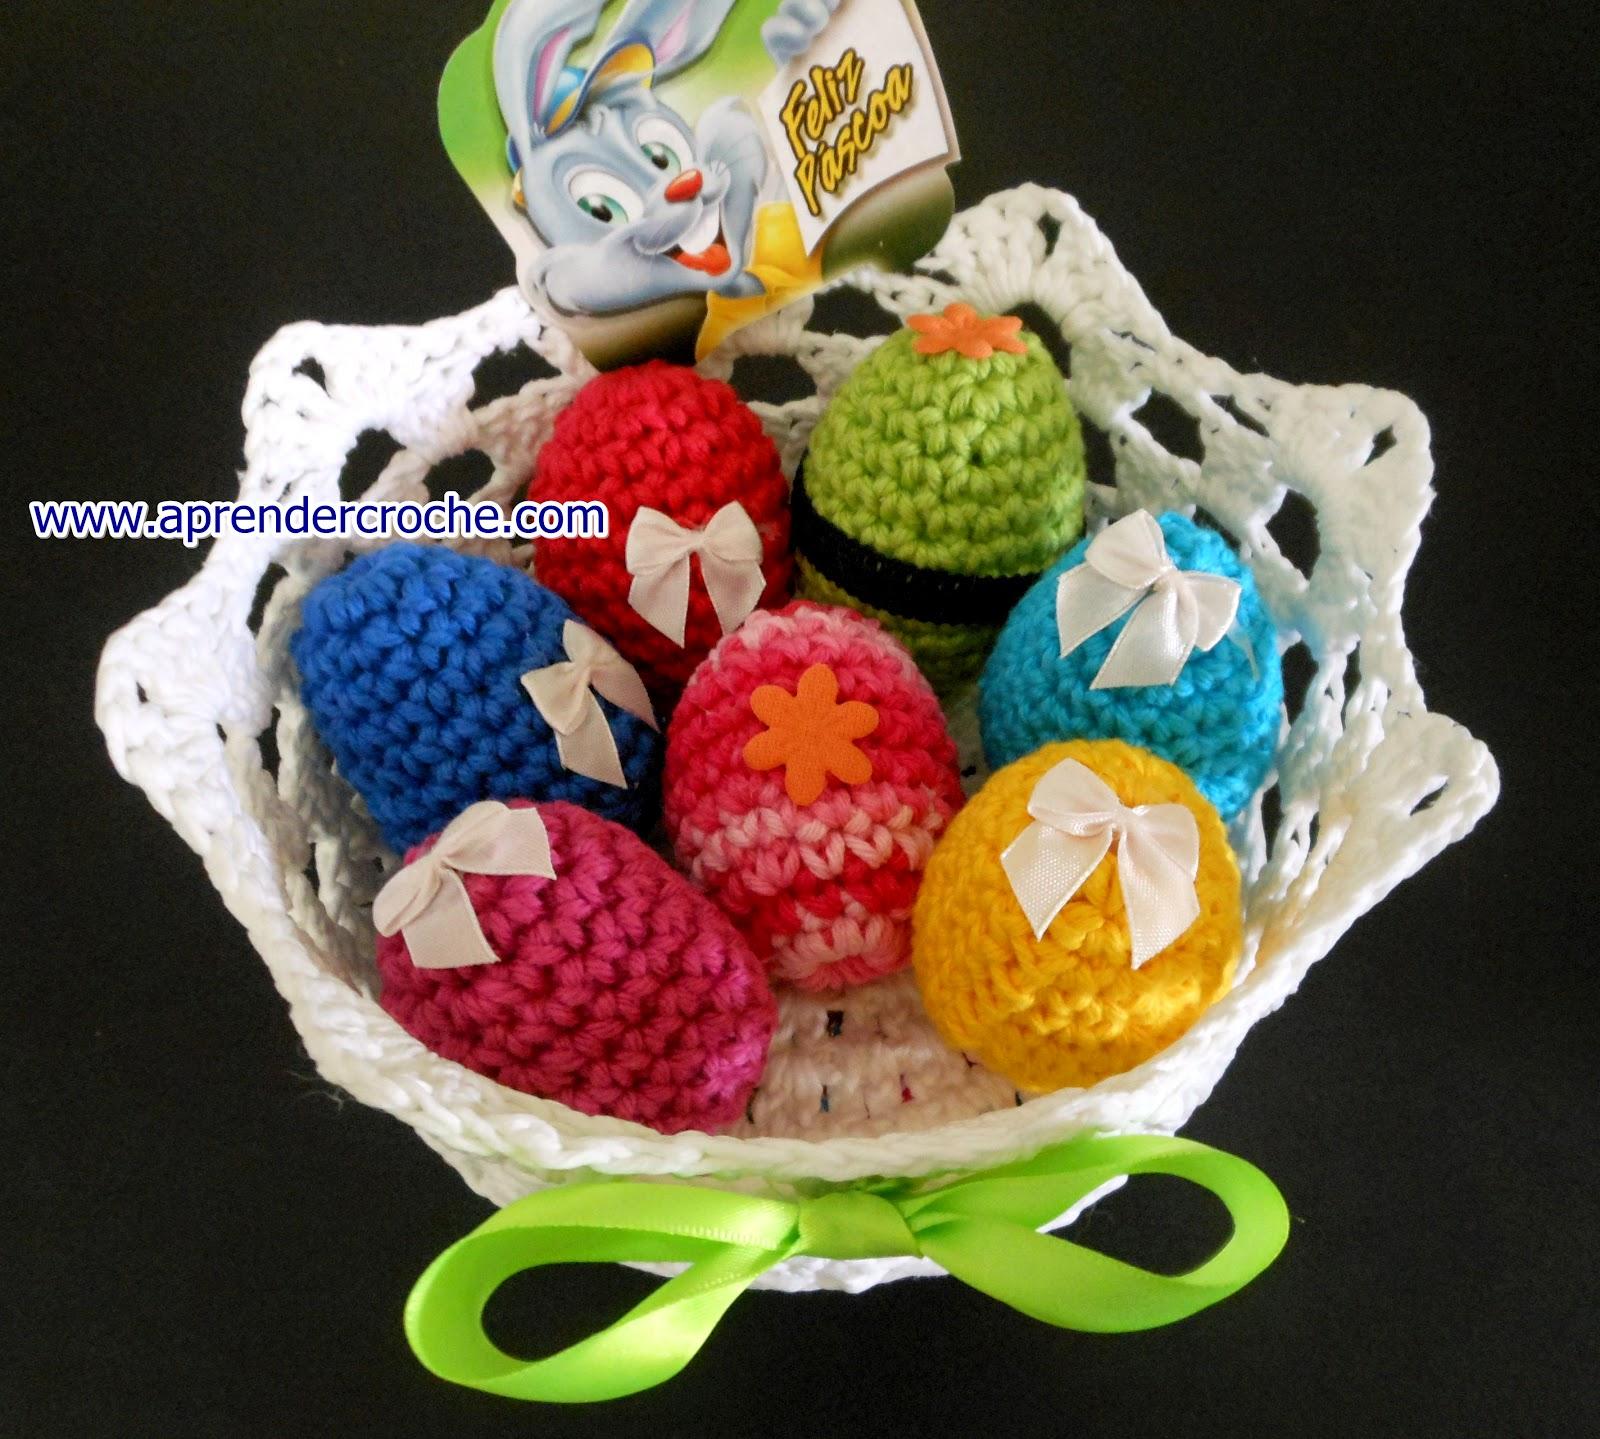 ovos em croche para cestas de páscoa aprender croche dvd loja curso